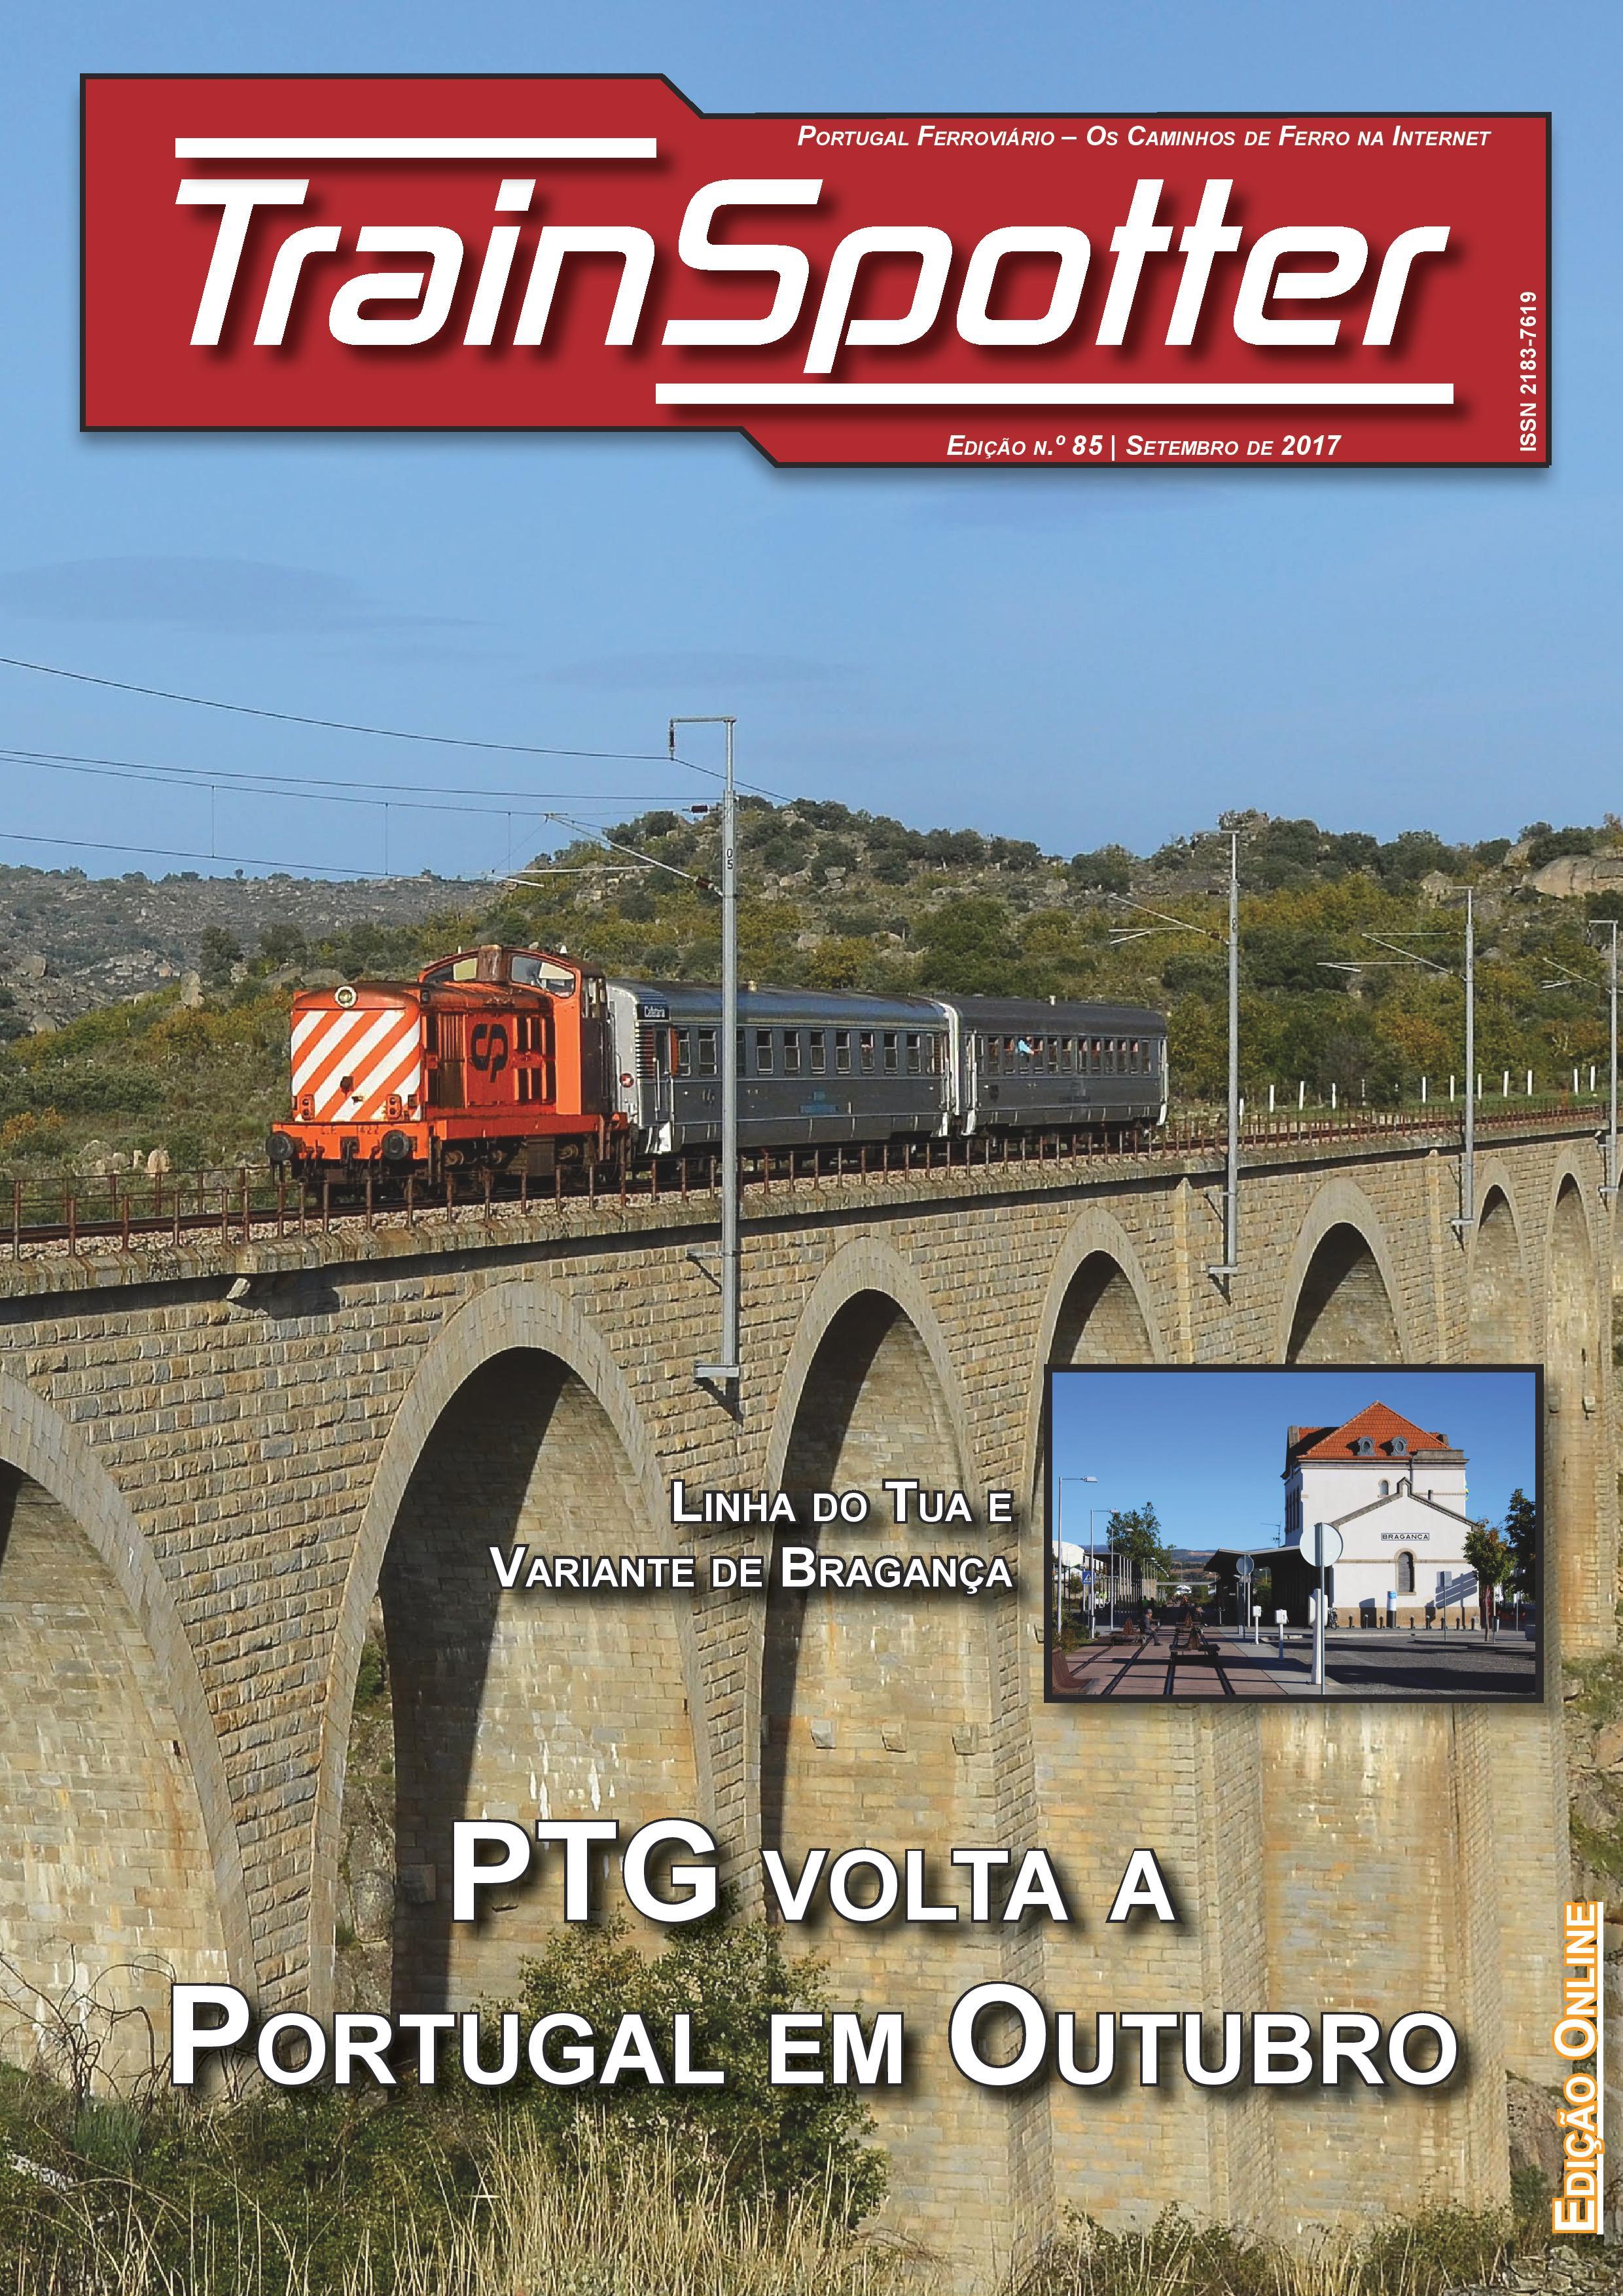 Trainspotter nº 085 – Setembro de 2017